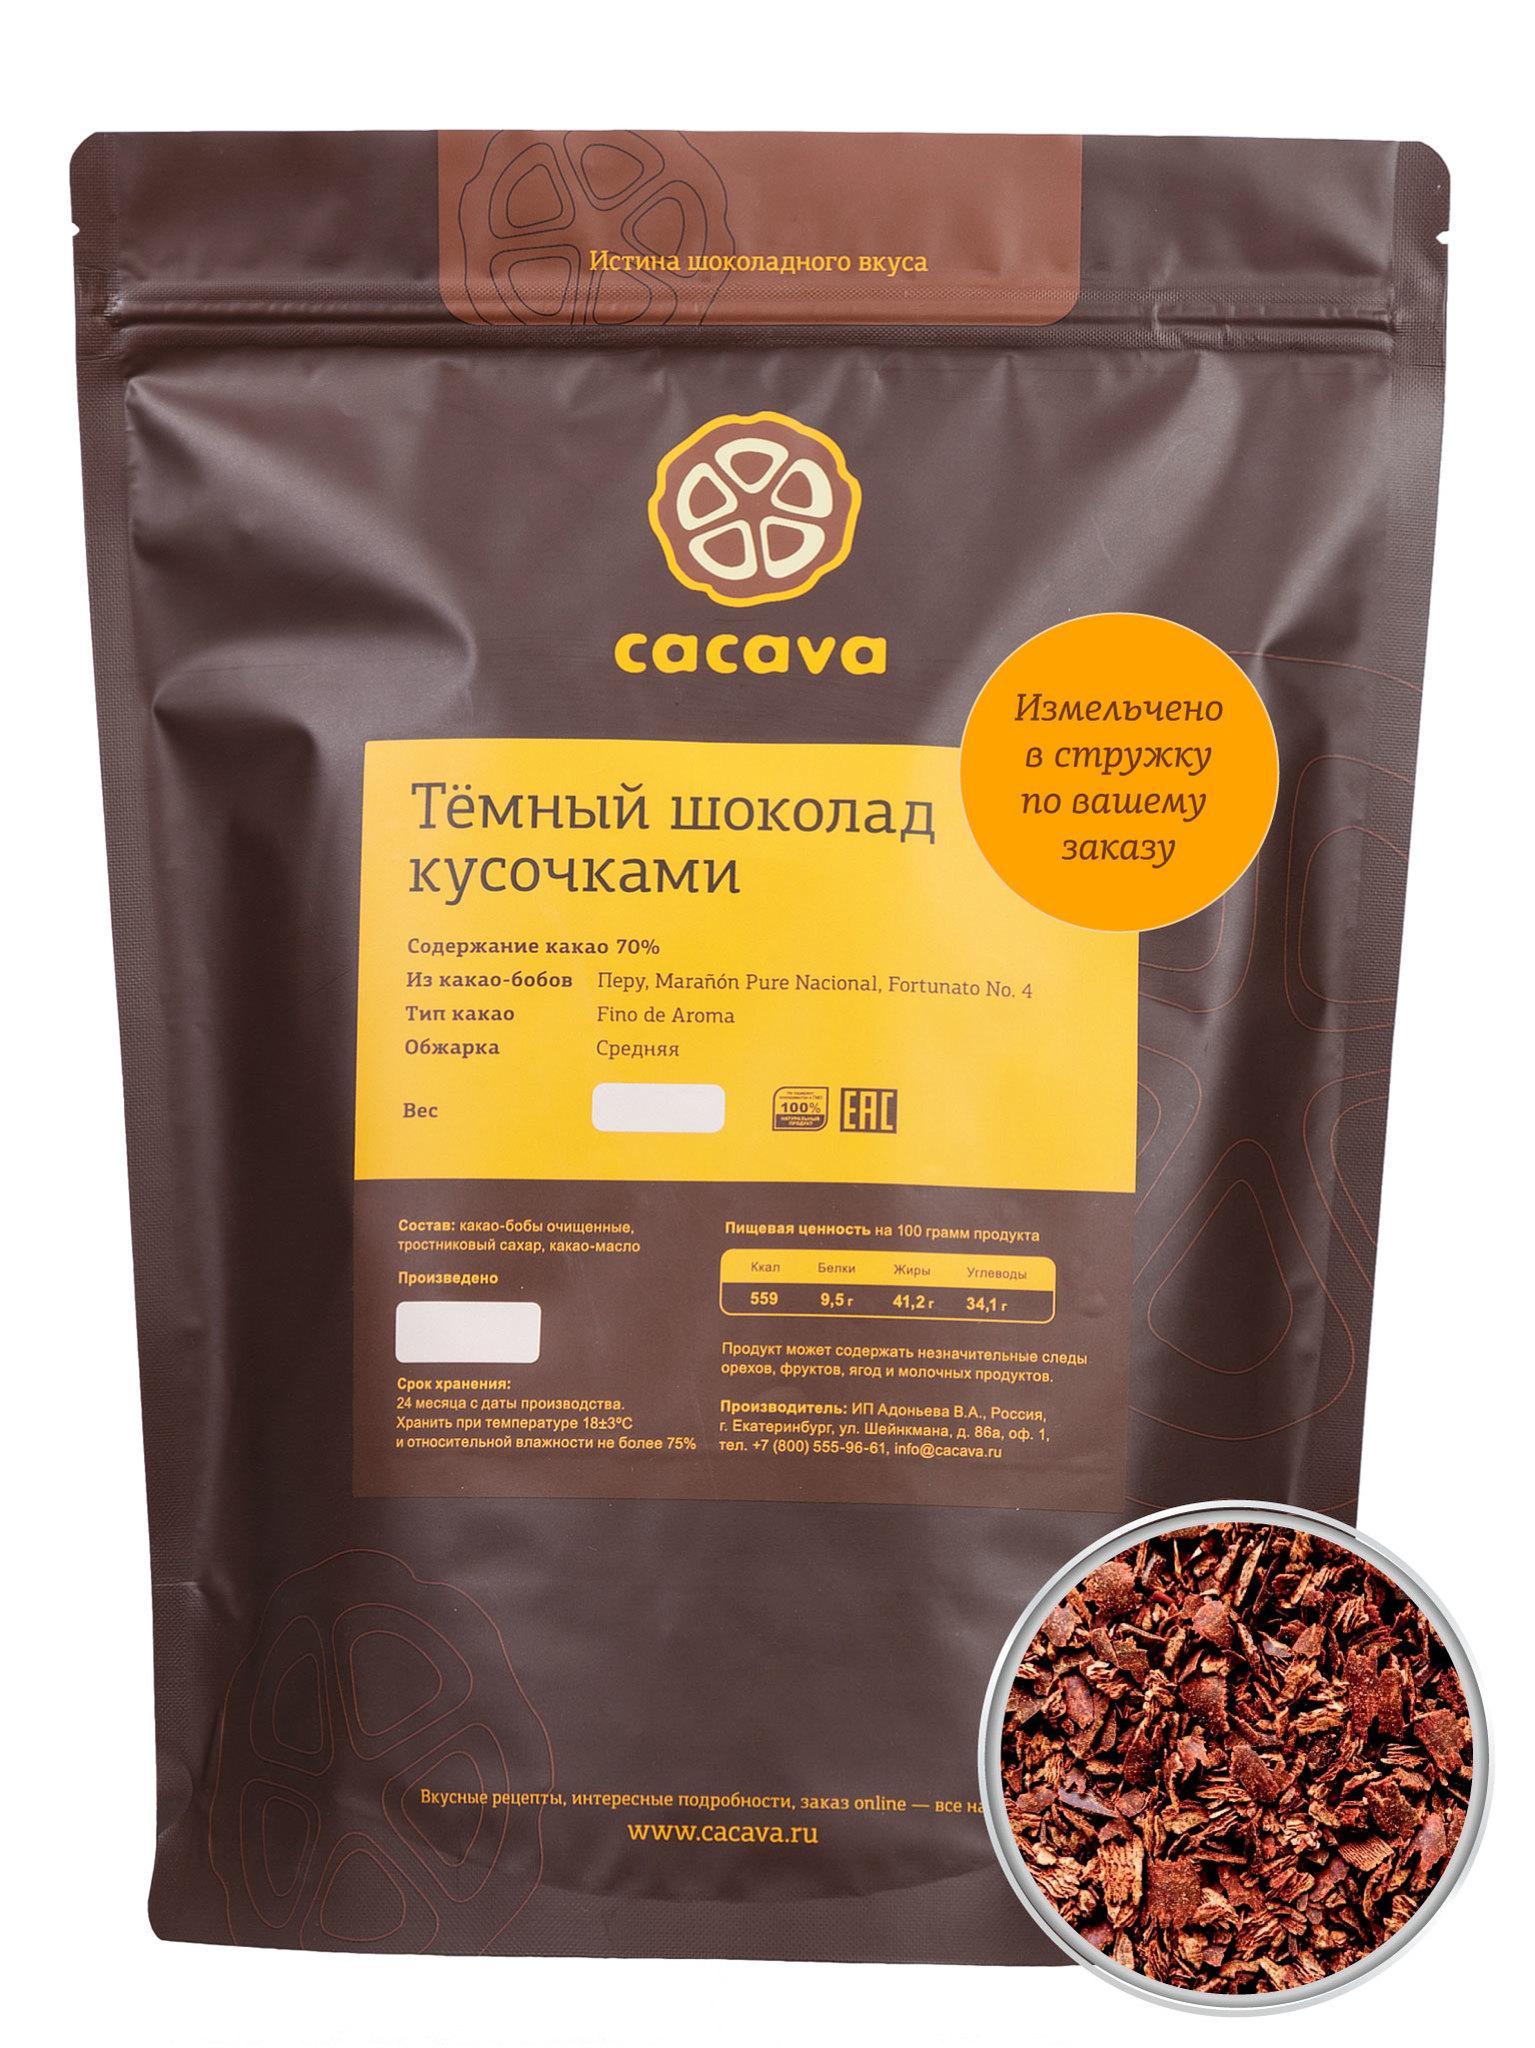 Тёмный шоколад 70% какао в стружке (Перу, Marañón), упаковка 1 кг